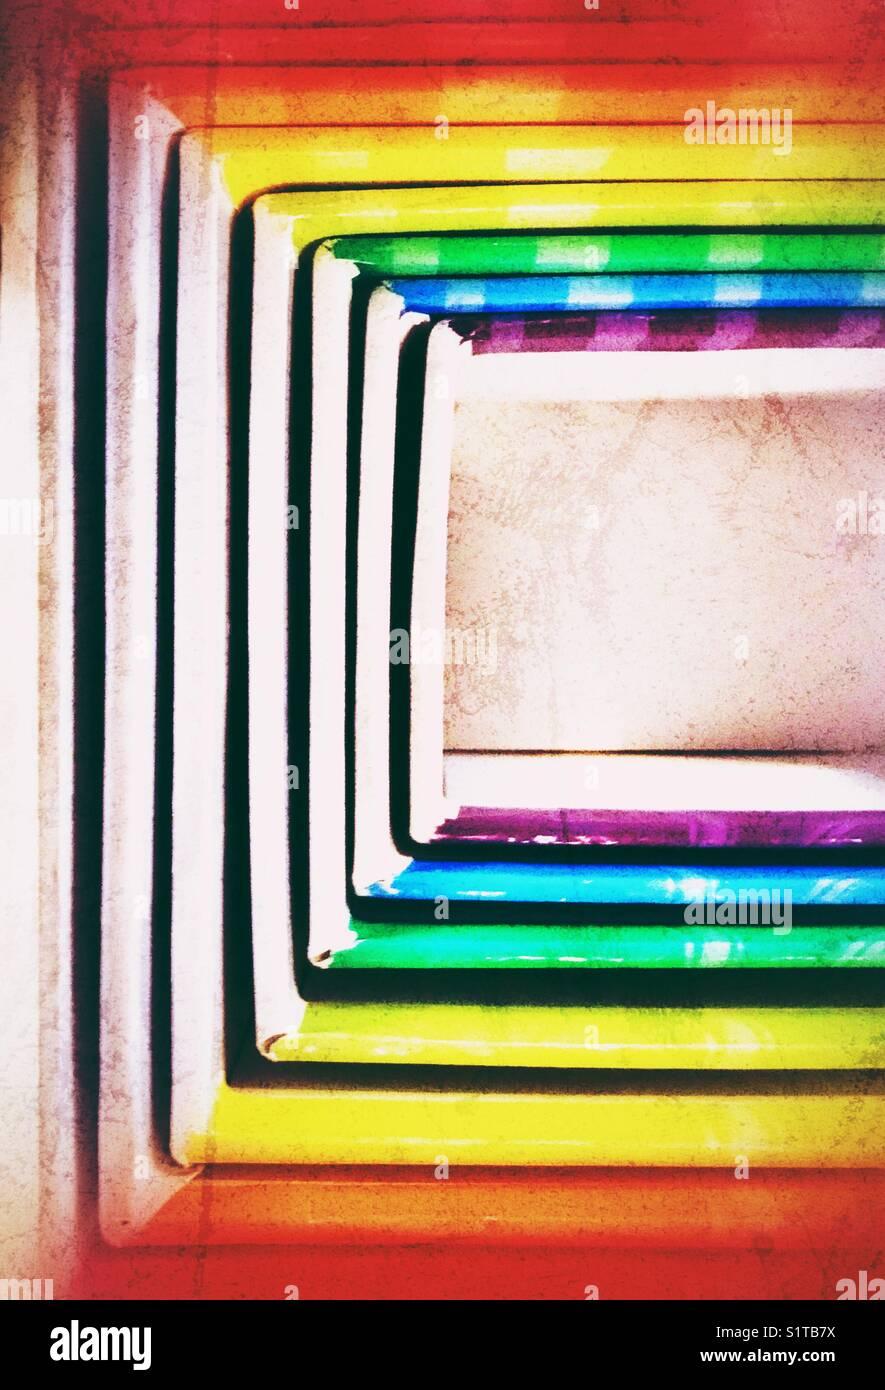 D'en haut/vue plate de cartons de couleur arc-en-ciel les blocs d'imbrication toy traitées pour faire un grunge Banque D'Images